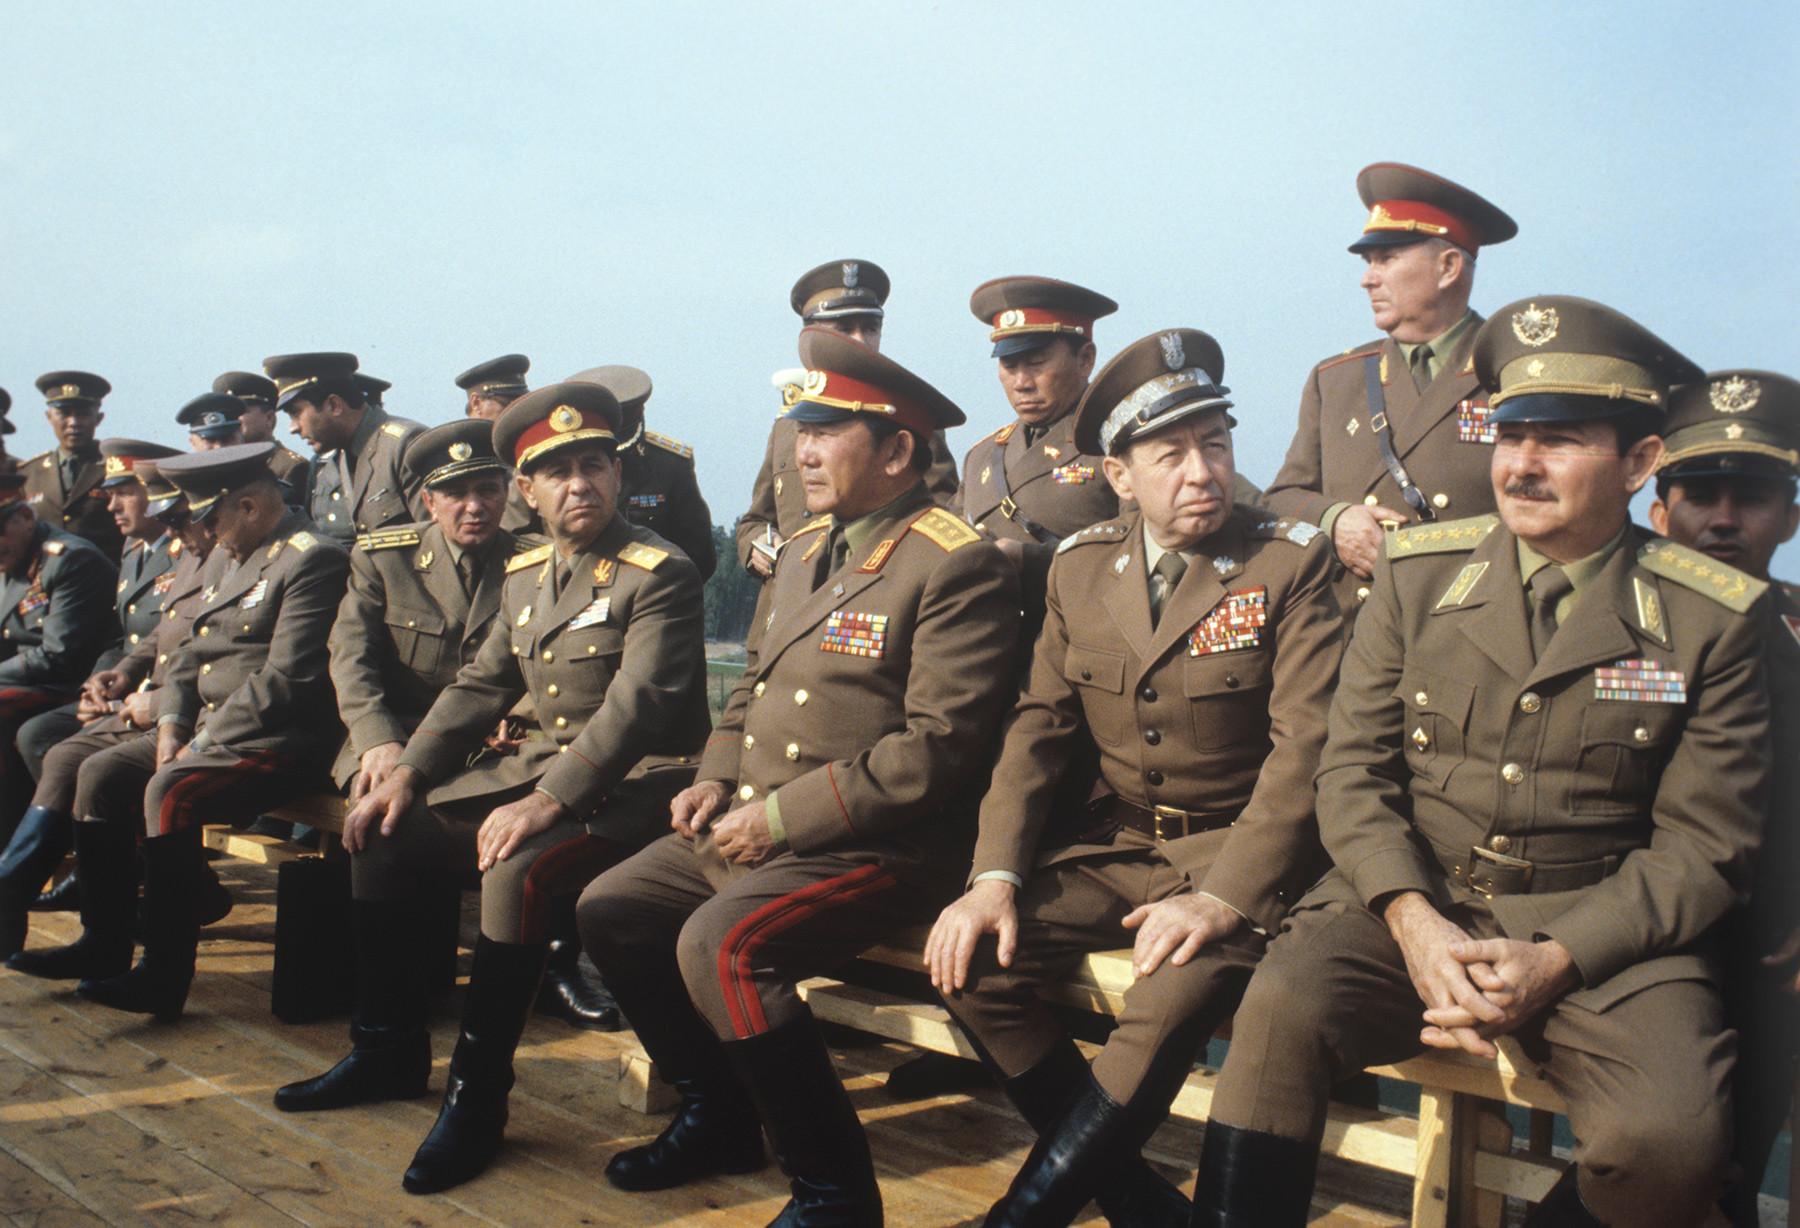 Predstavniki armad vzhodnega bloka na vajah Zapad-81